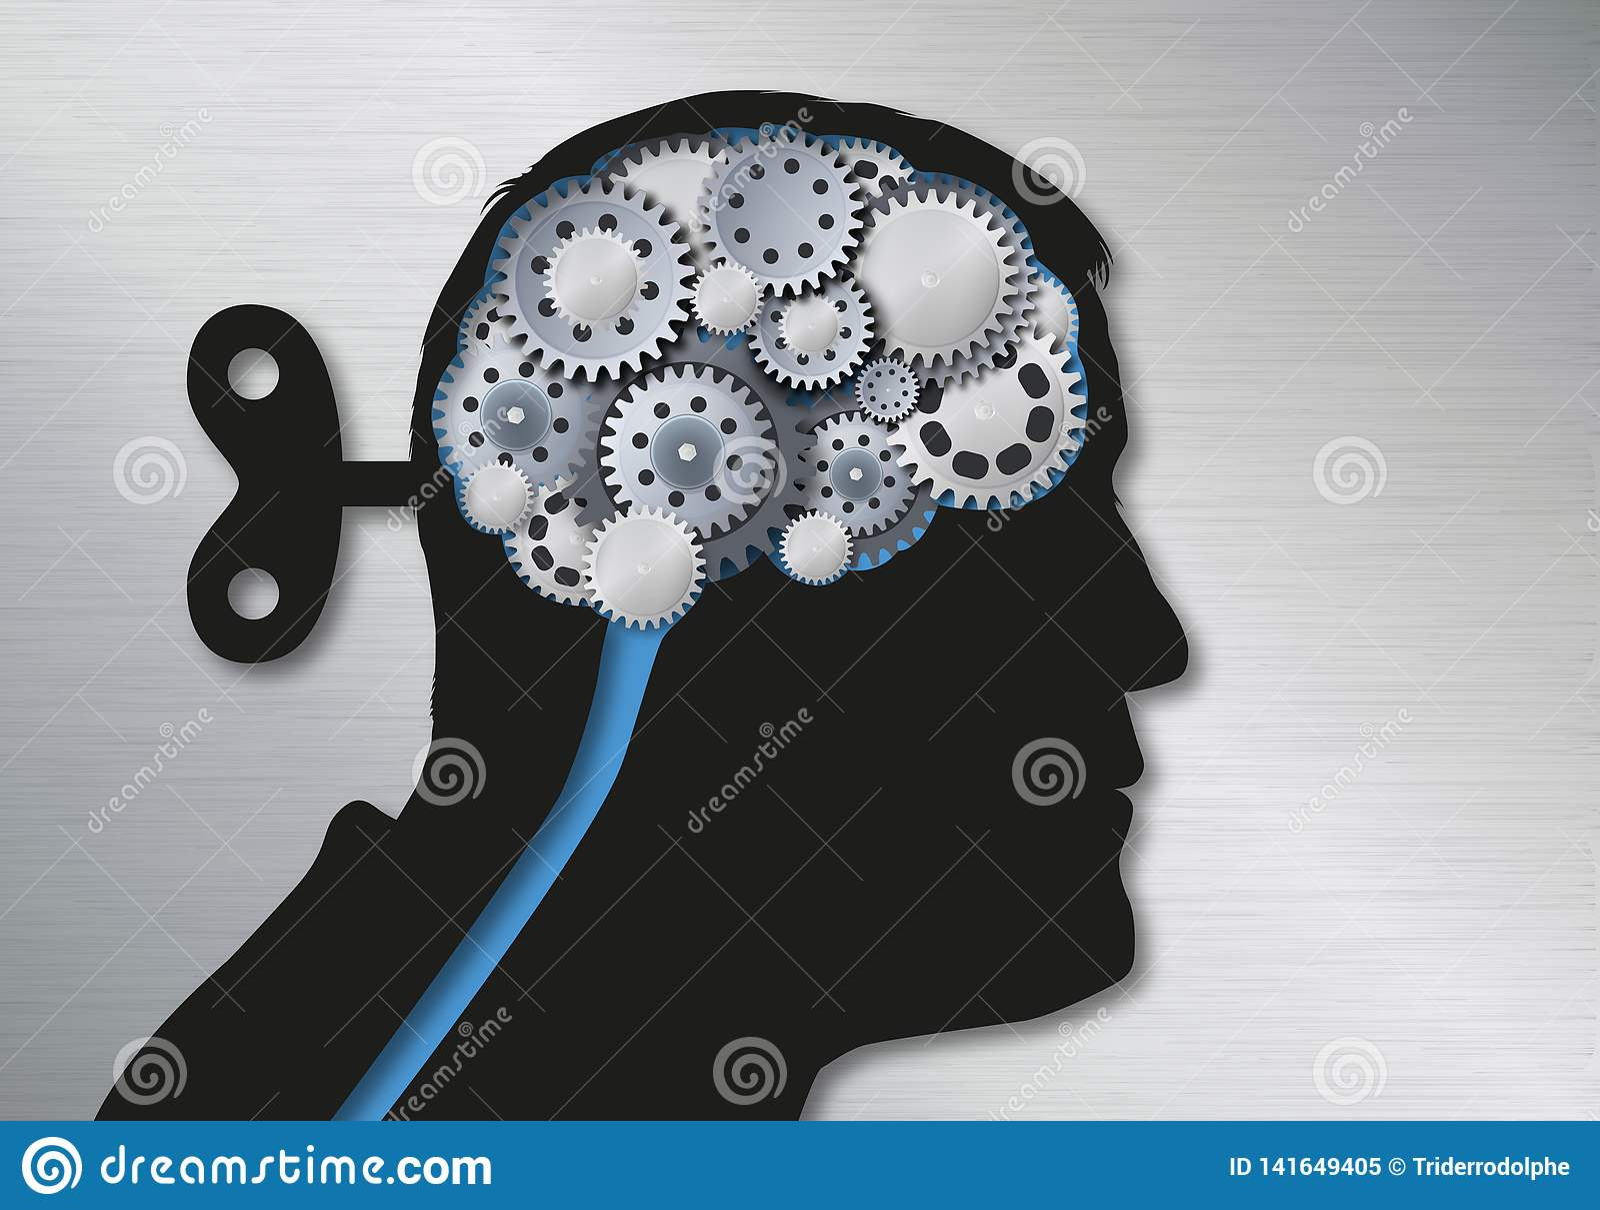 Concetto delle notizie false e della manipolazione simbolizzate da una testa umana con una chiave alla parte posteriore del crani